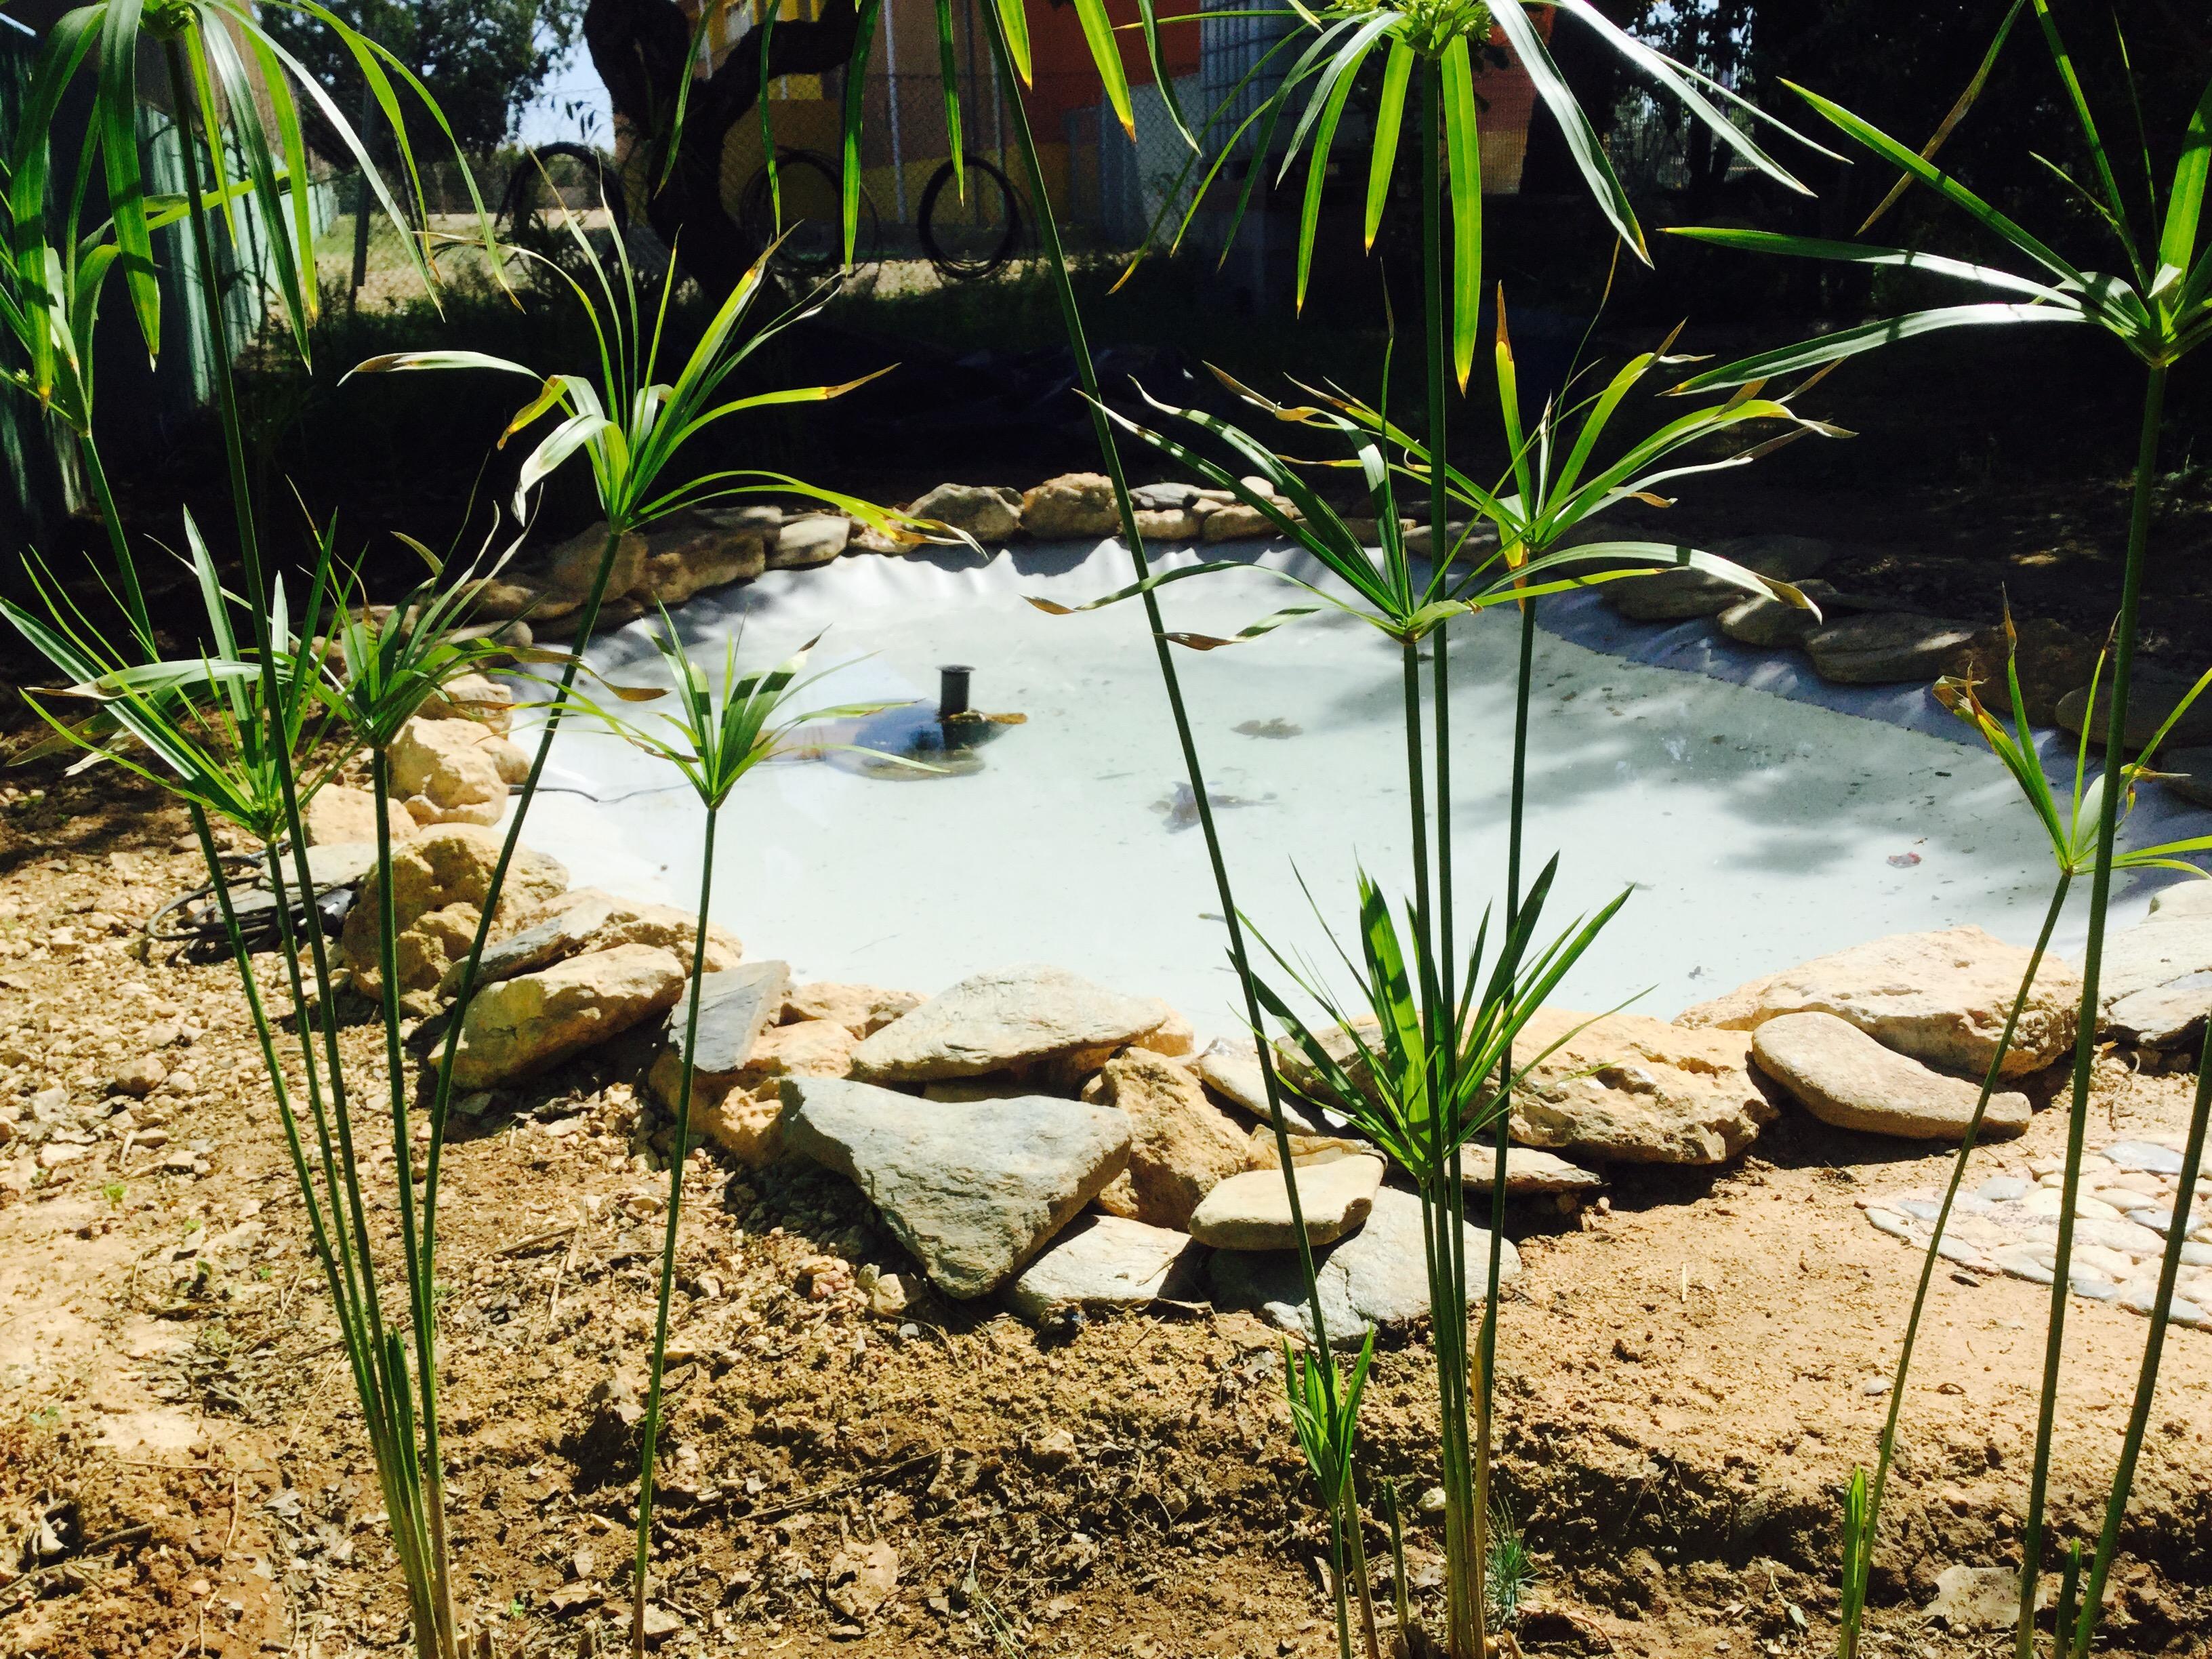 ¡El estanque ya está listo!